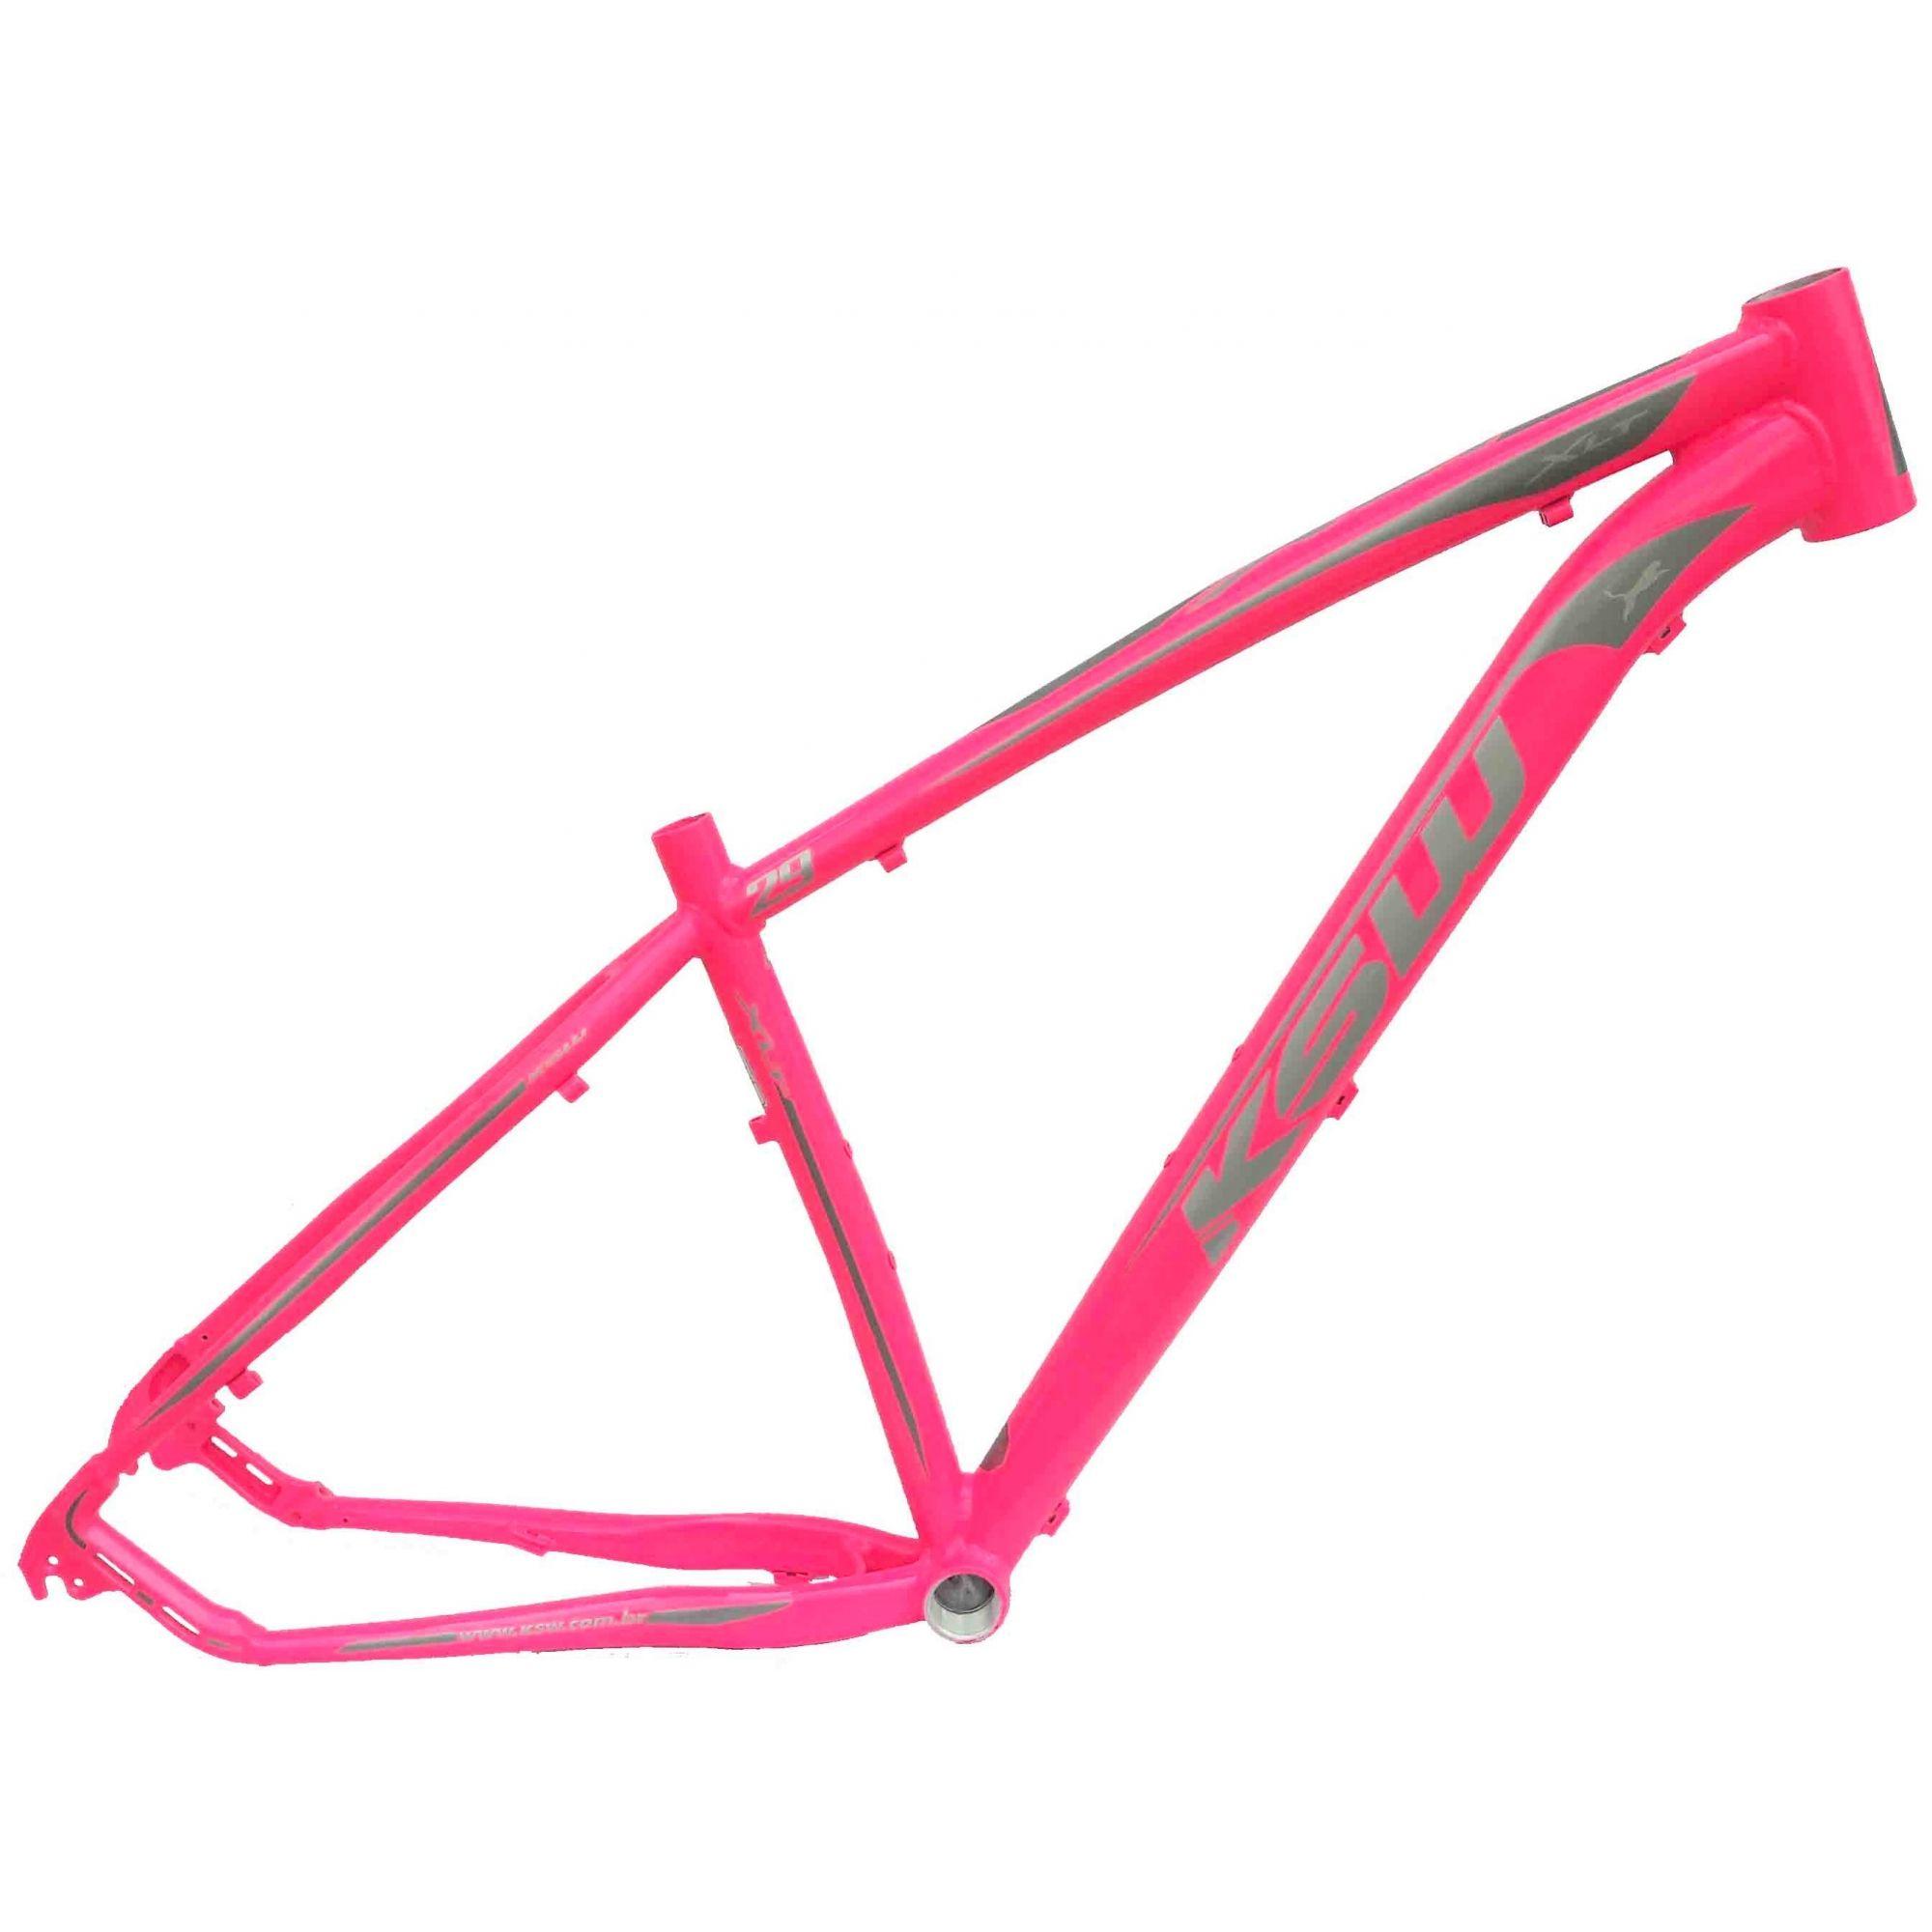 Bicicleta Aro 29 KSW 24V Shimano Freio a Disco